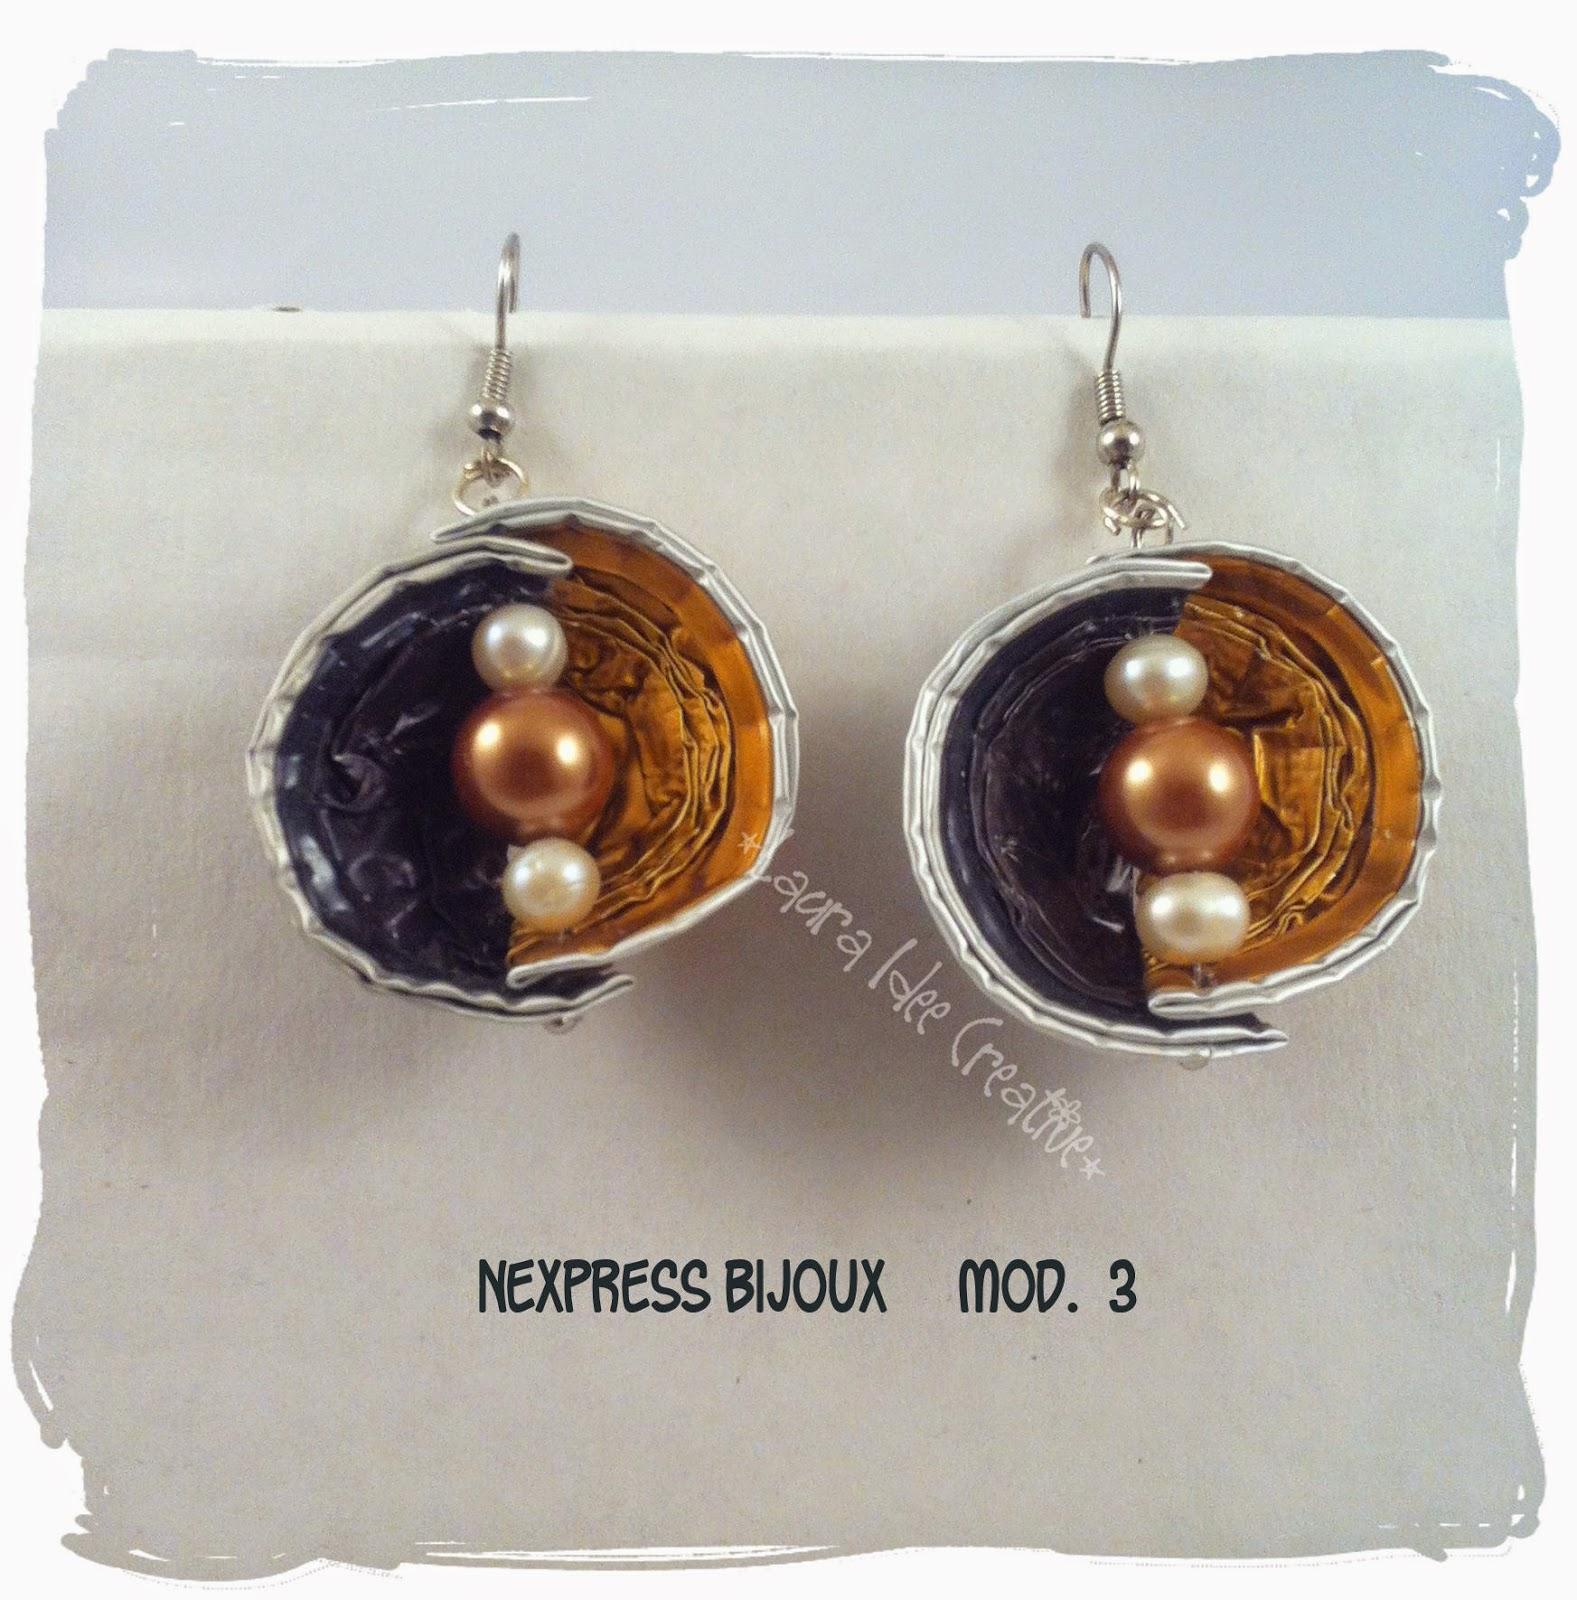 Preferenza Laura Idee Creative: Bijoux con le cialde nespresso? Nexpress bijoux DU82